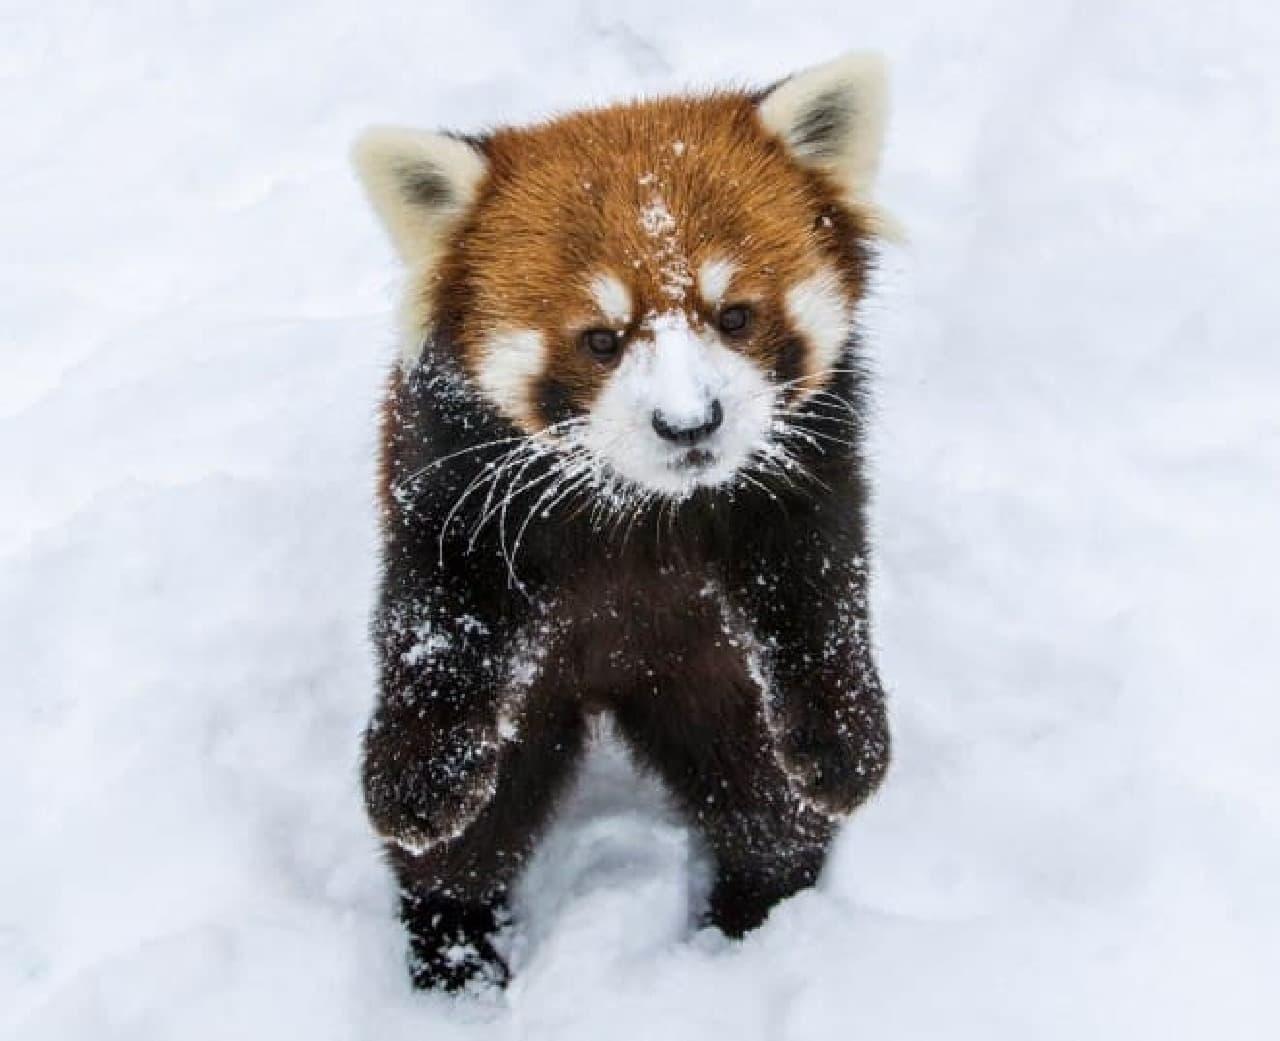 石簾マサさんの写真集「へんてこ! レッサーパンダ」